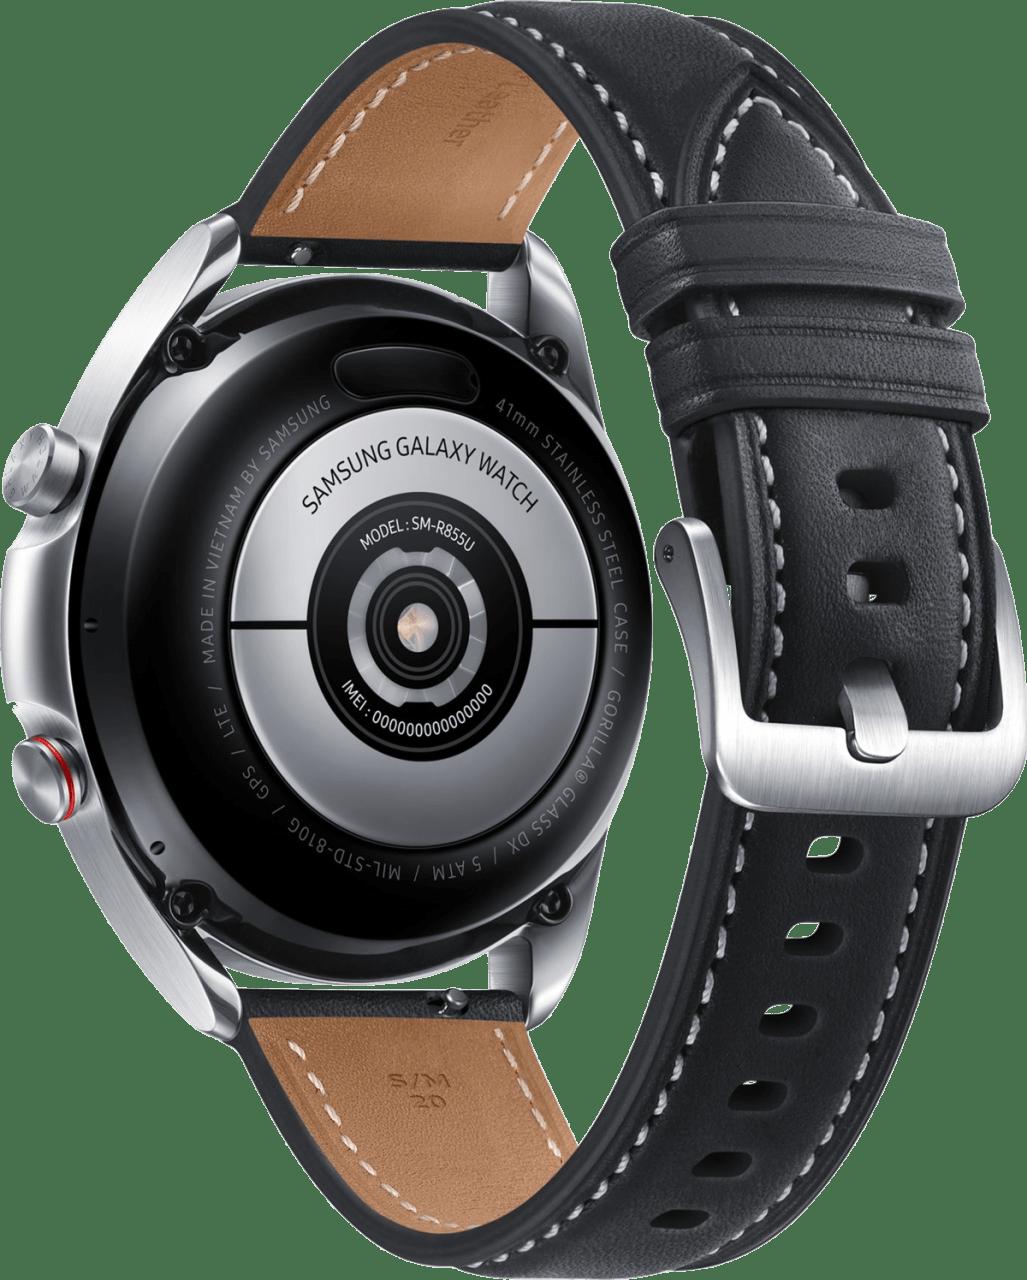 Mystic Silver Samsung Galaxy Watch 3 (LTE), 41mm.3